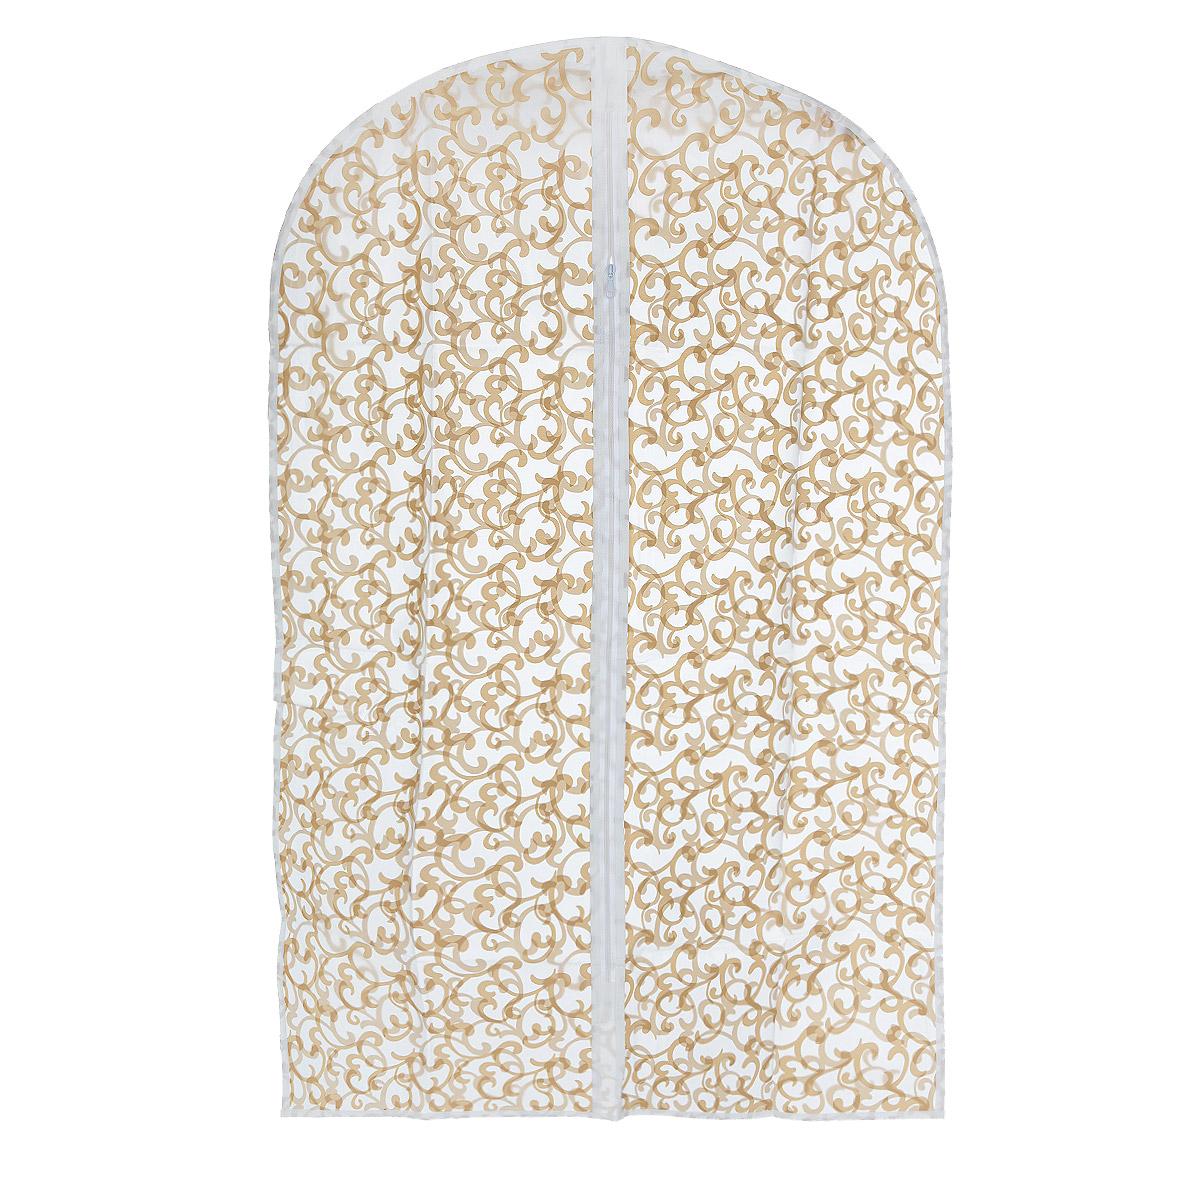 Чехол для одежды Eva Узоры, прозрачный, бежевый, 60 х 92 смЕ-16201 узорыЧехол для одежды Eva Узоры выполнен из материала PEVA. Чехол обеспечивает вашей одежде надежную защиту от влажности, повреждений и грязи при транспортировке, от запыления при хранении. Изделие обладает водоотталкивающими свойствами, а также позволяет воздуху свободно поступать внутрь вещей, обеспечивая их кондиционирование. Закрывается на молнию. Можно стирать при температуре до 40°C.